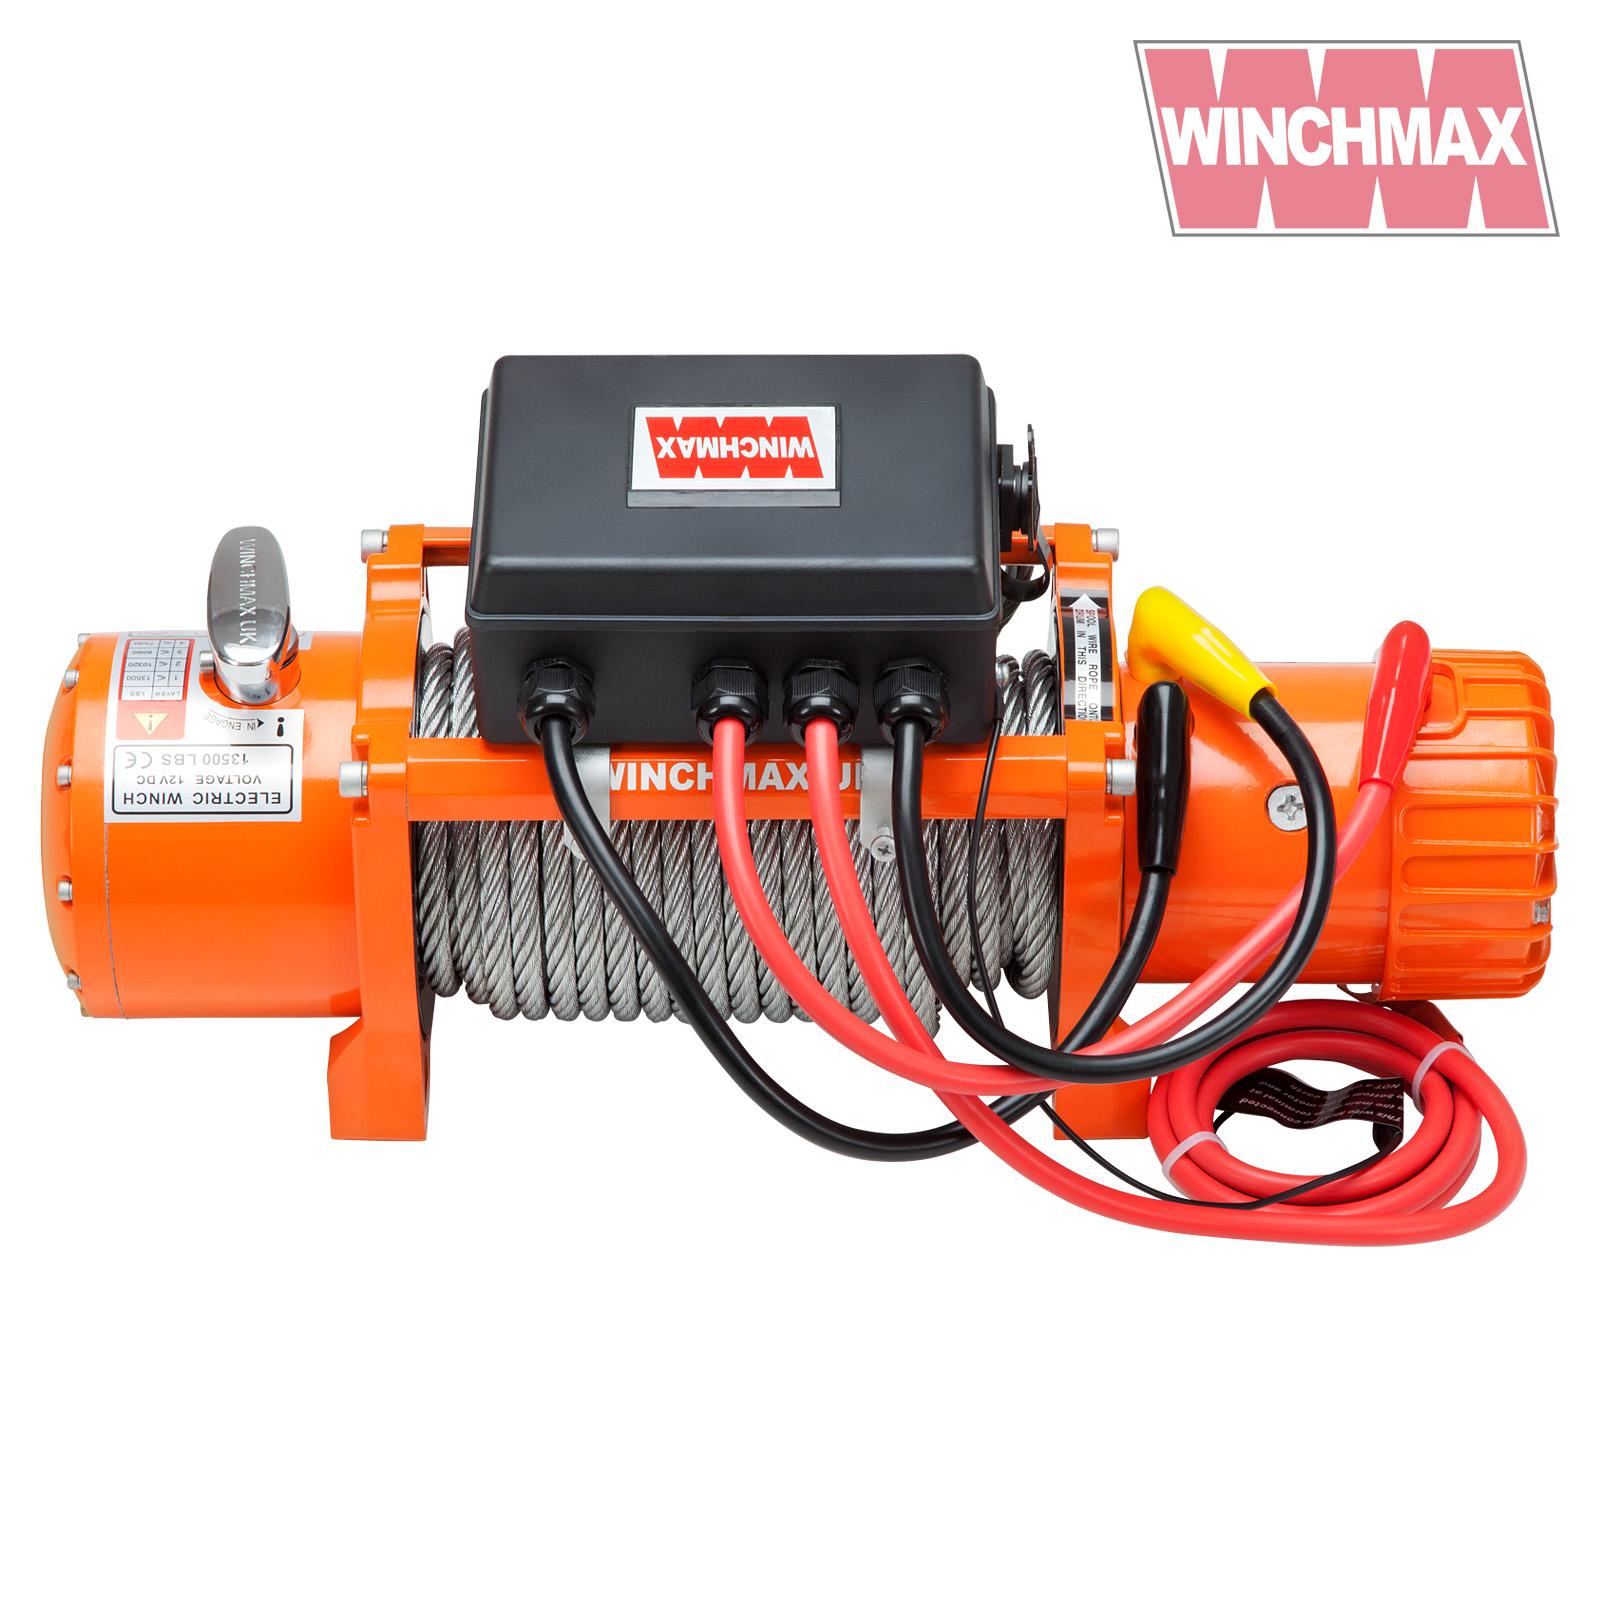 Wm1350012v winchmax 532